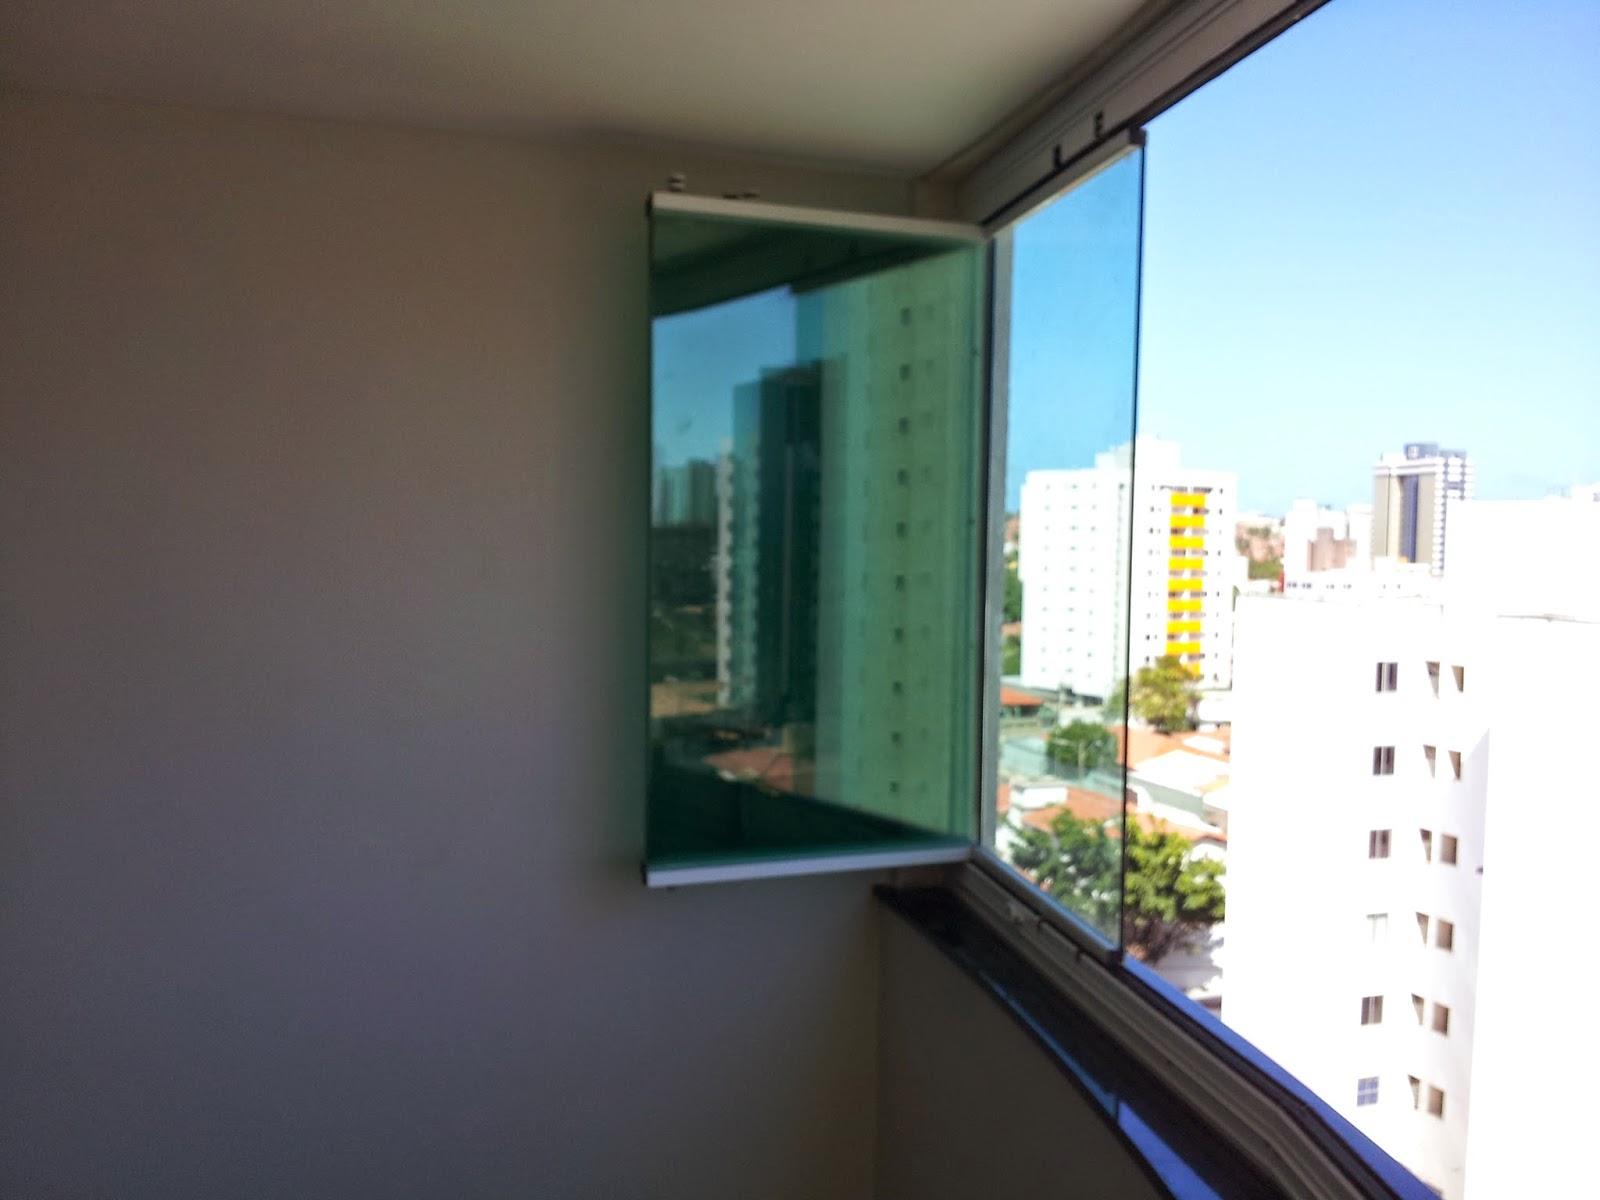 #0779C4 Criativo Vidraçaria: Cortina de vidro em Fortaleza 92 Janelas De Vidro Em Fortaleza Ce